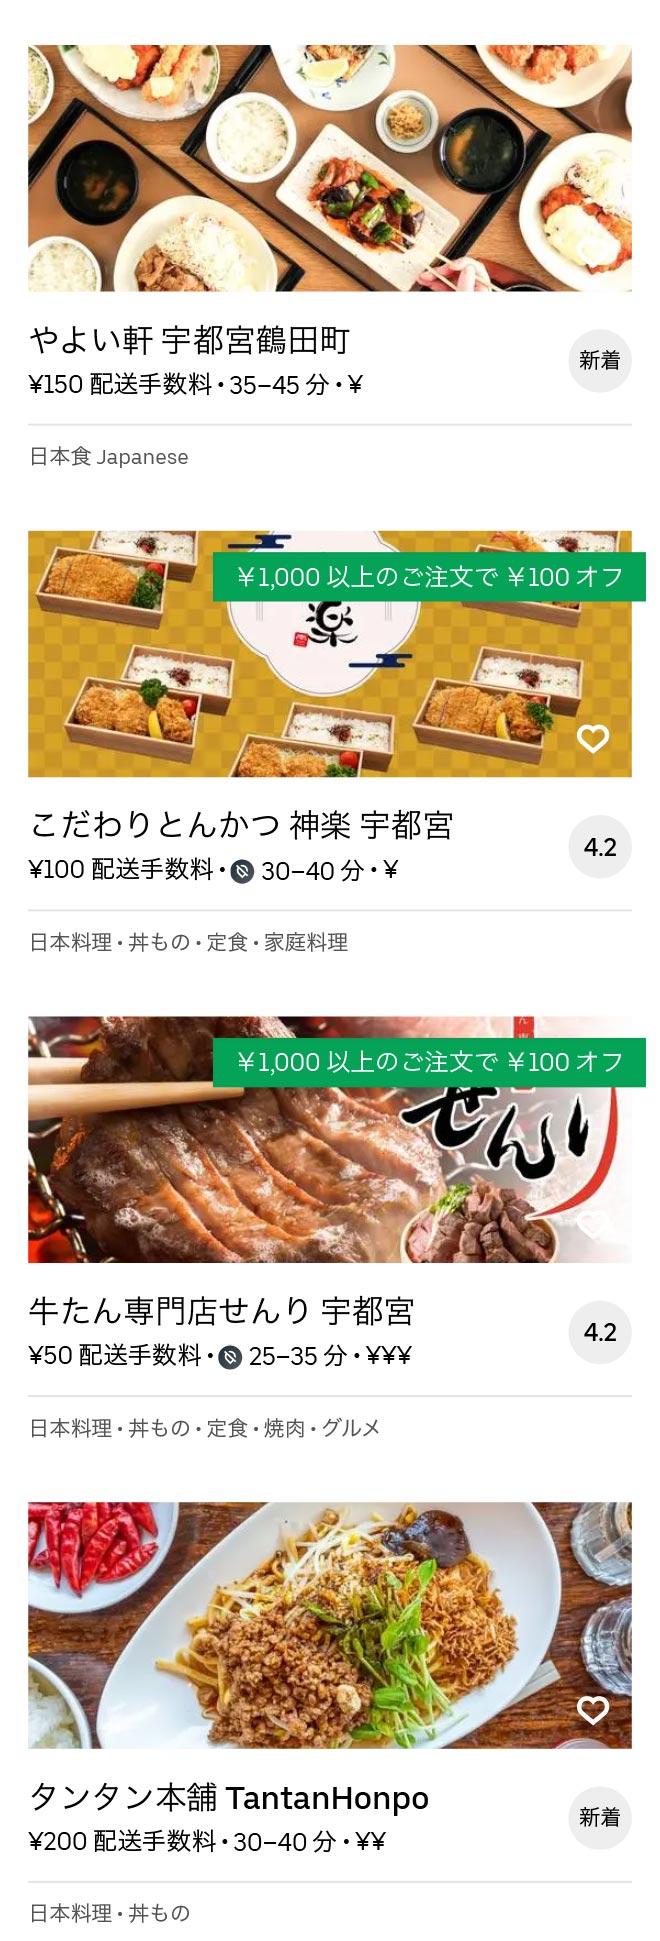 Tsuruta menu 2010 06